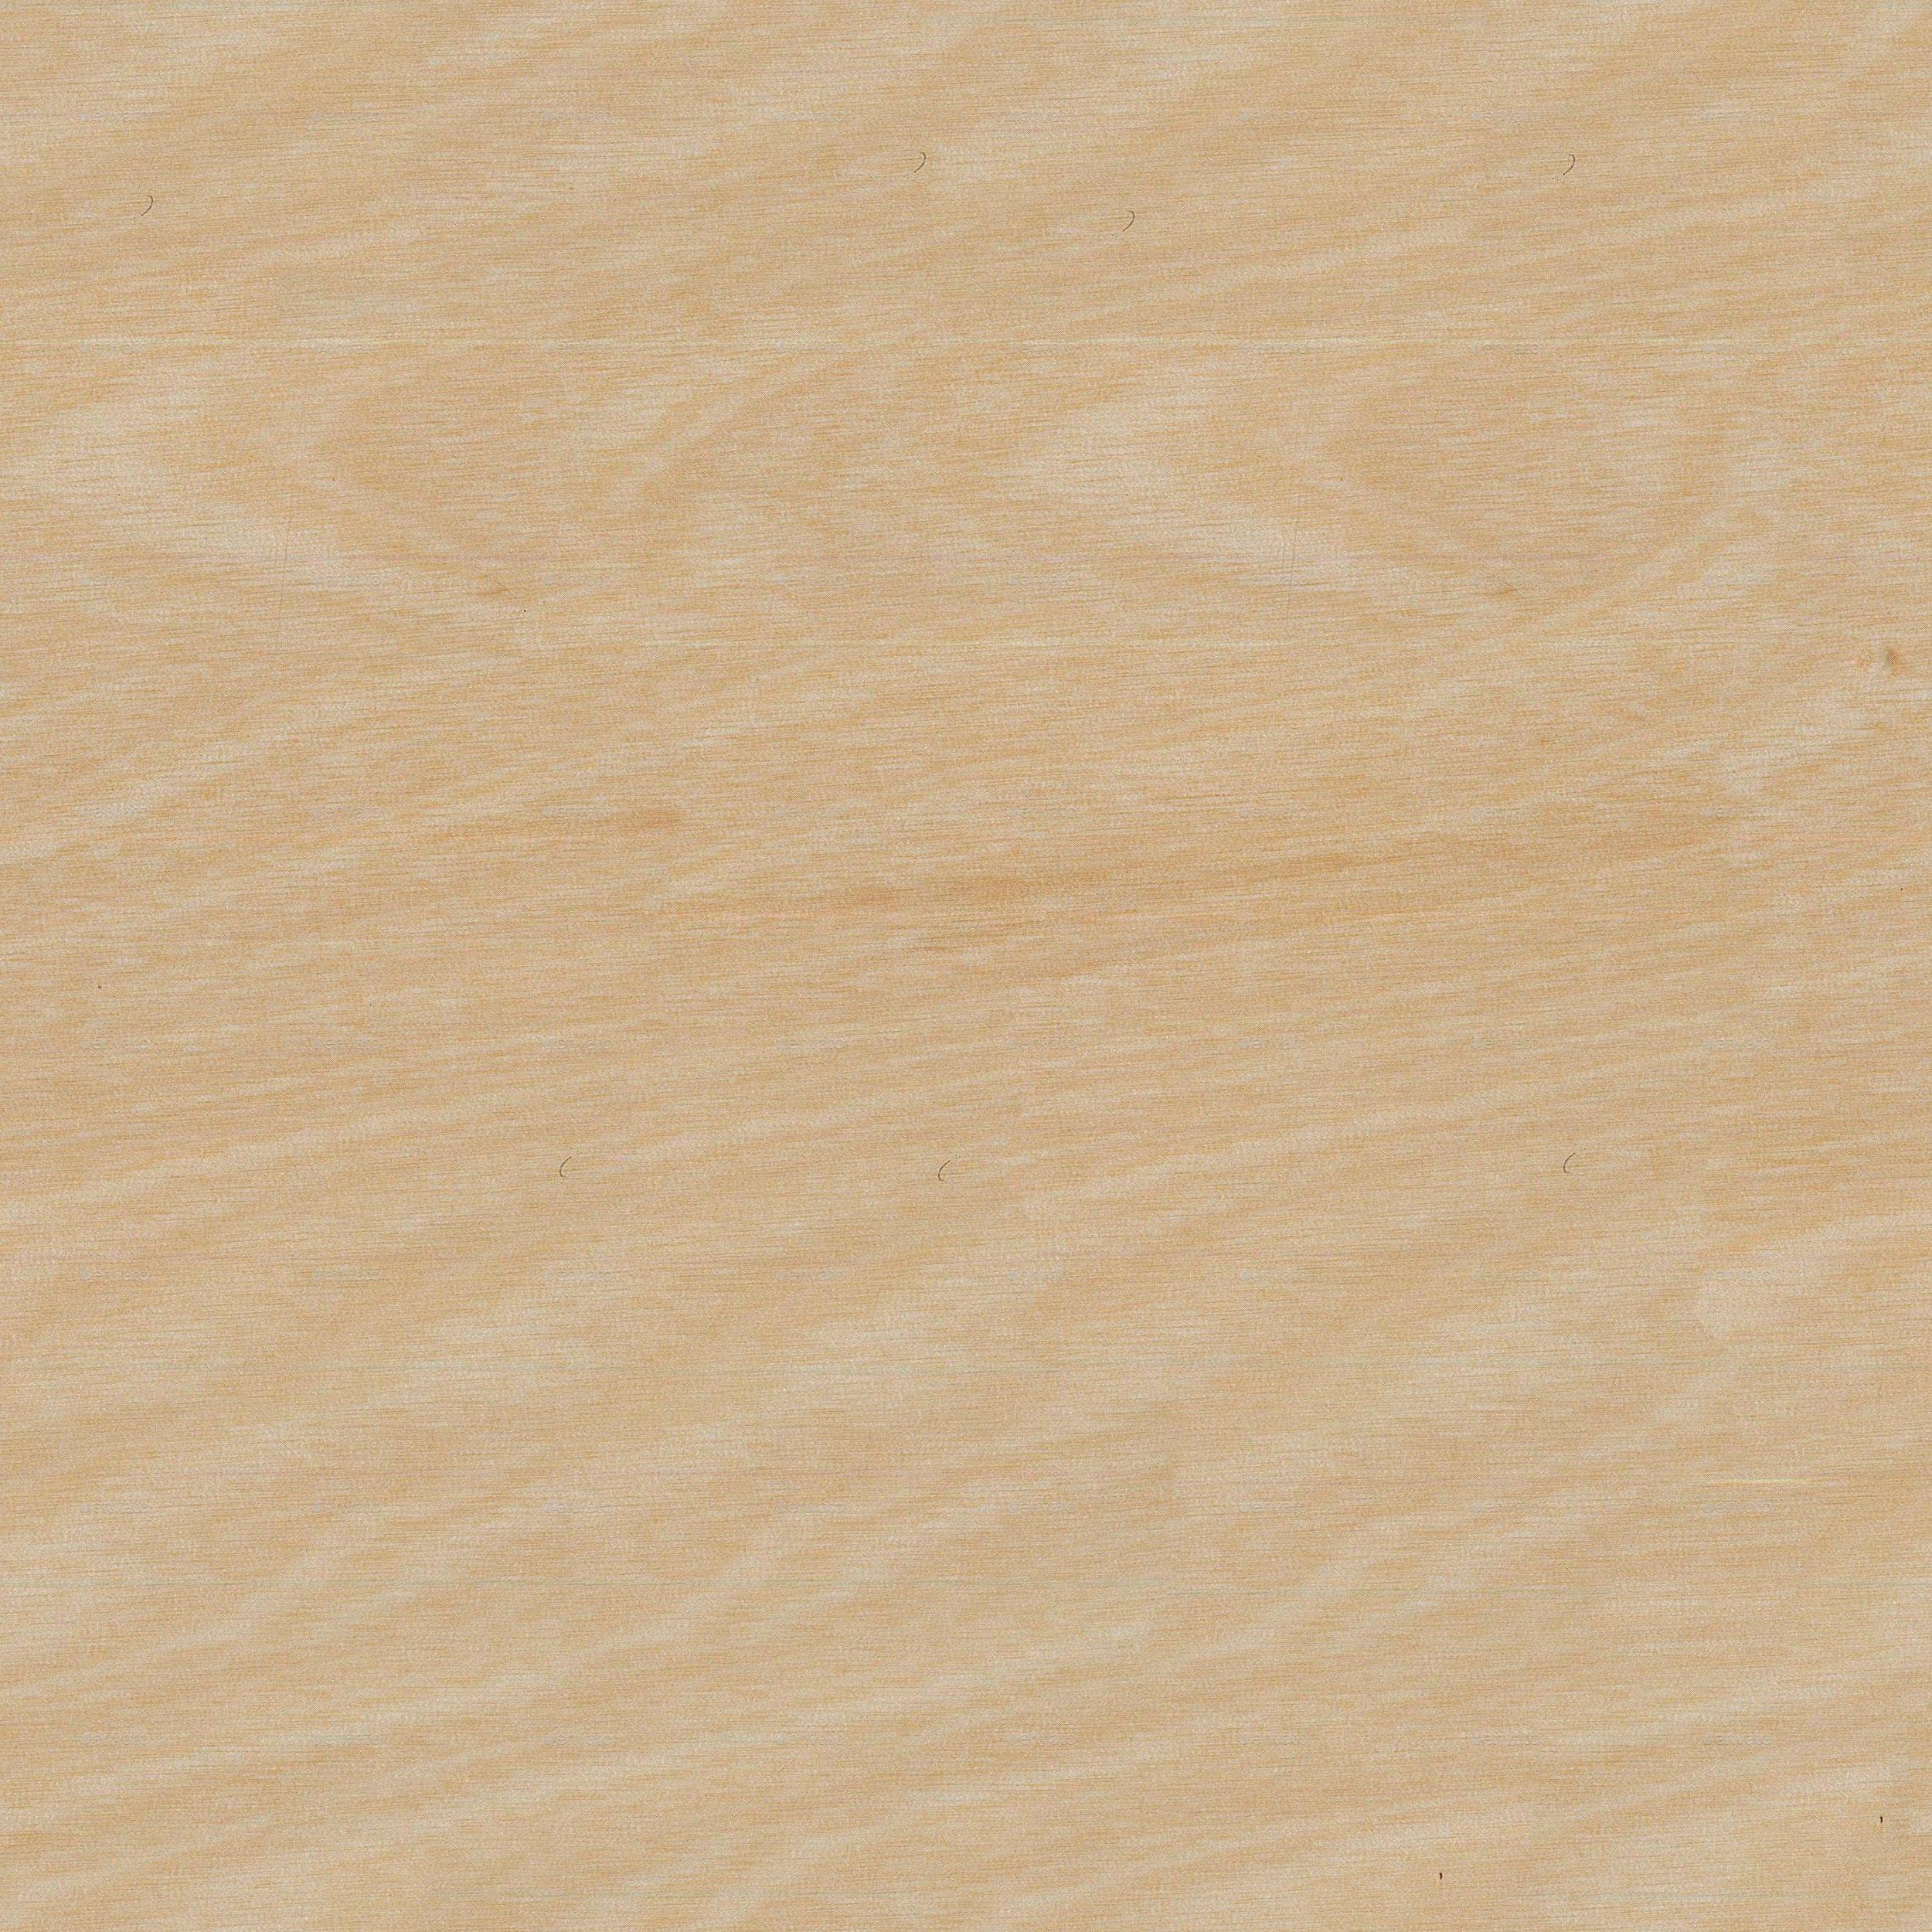 Plywood Seamless Texture Set Volume 2 Seamless Plywood